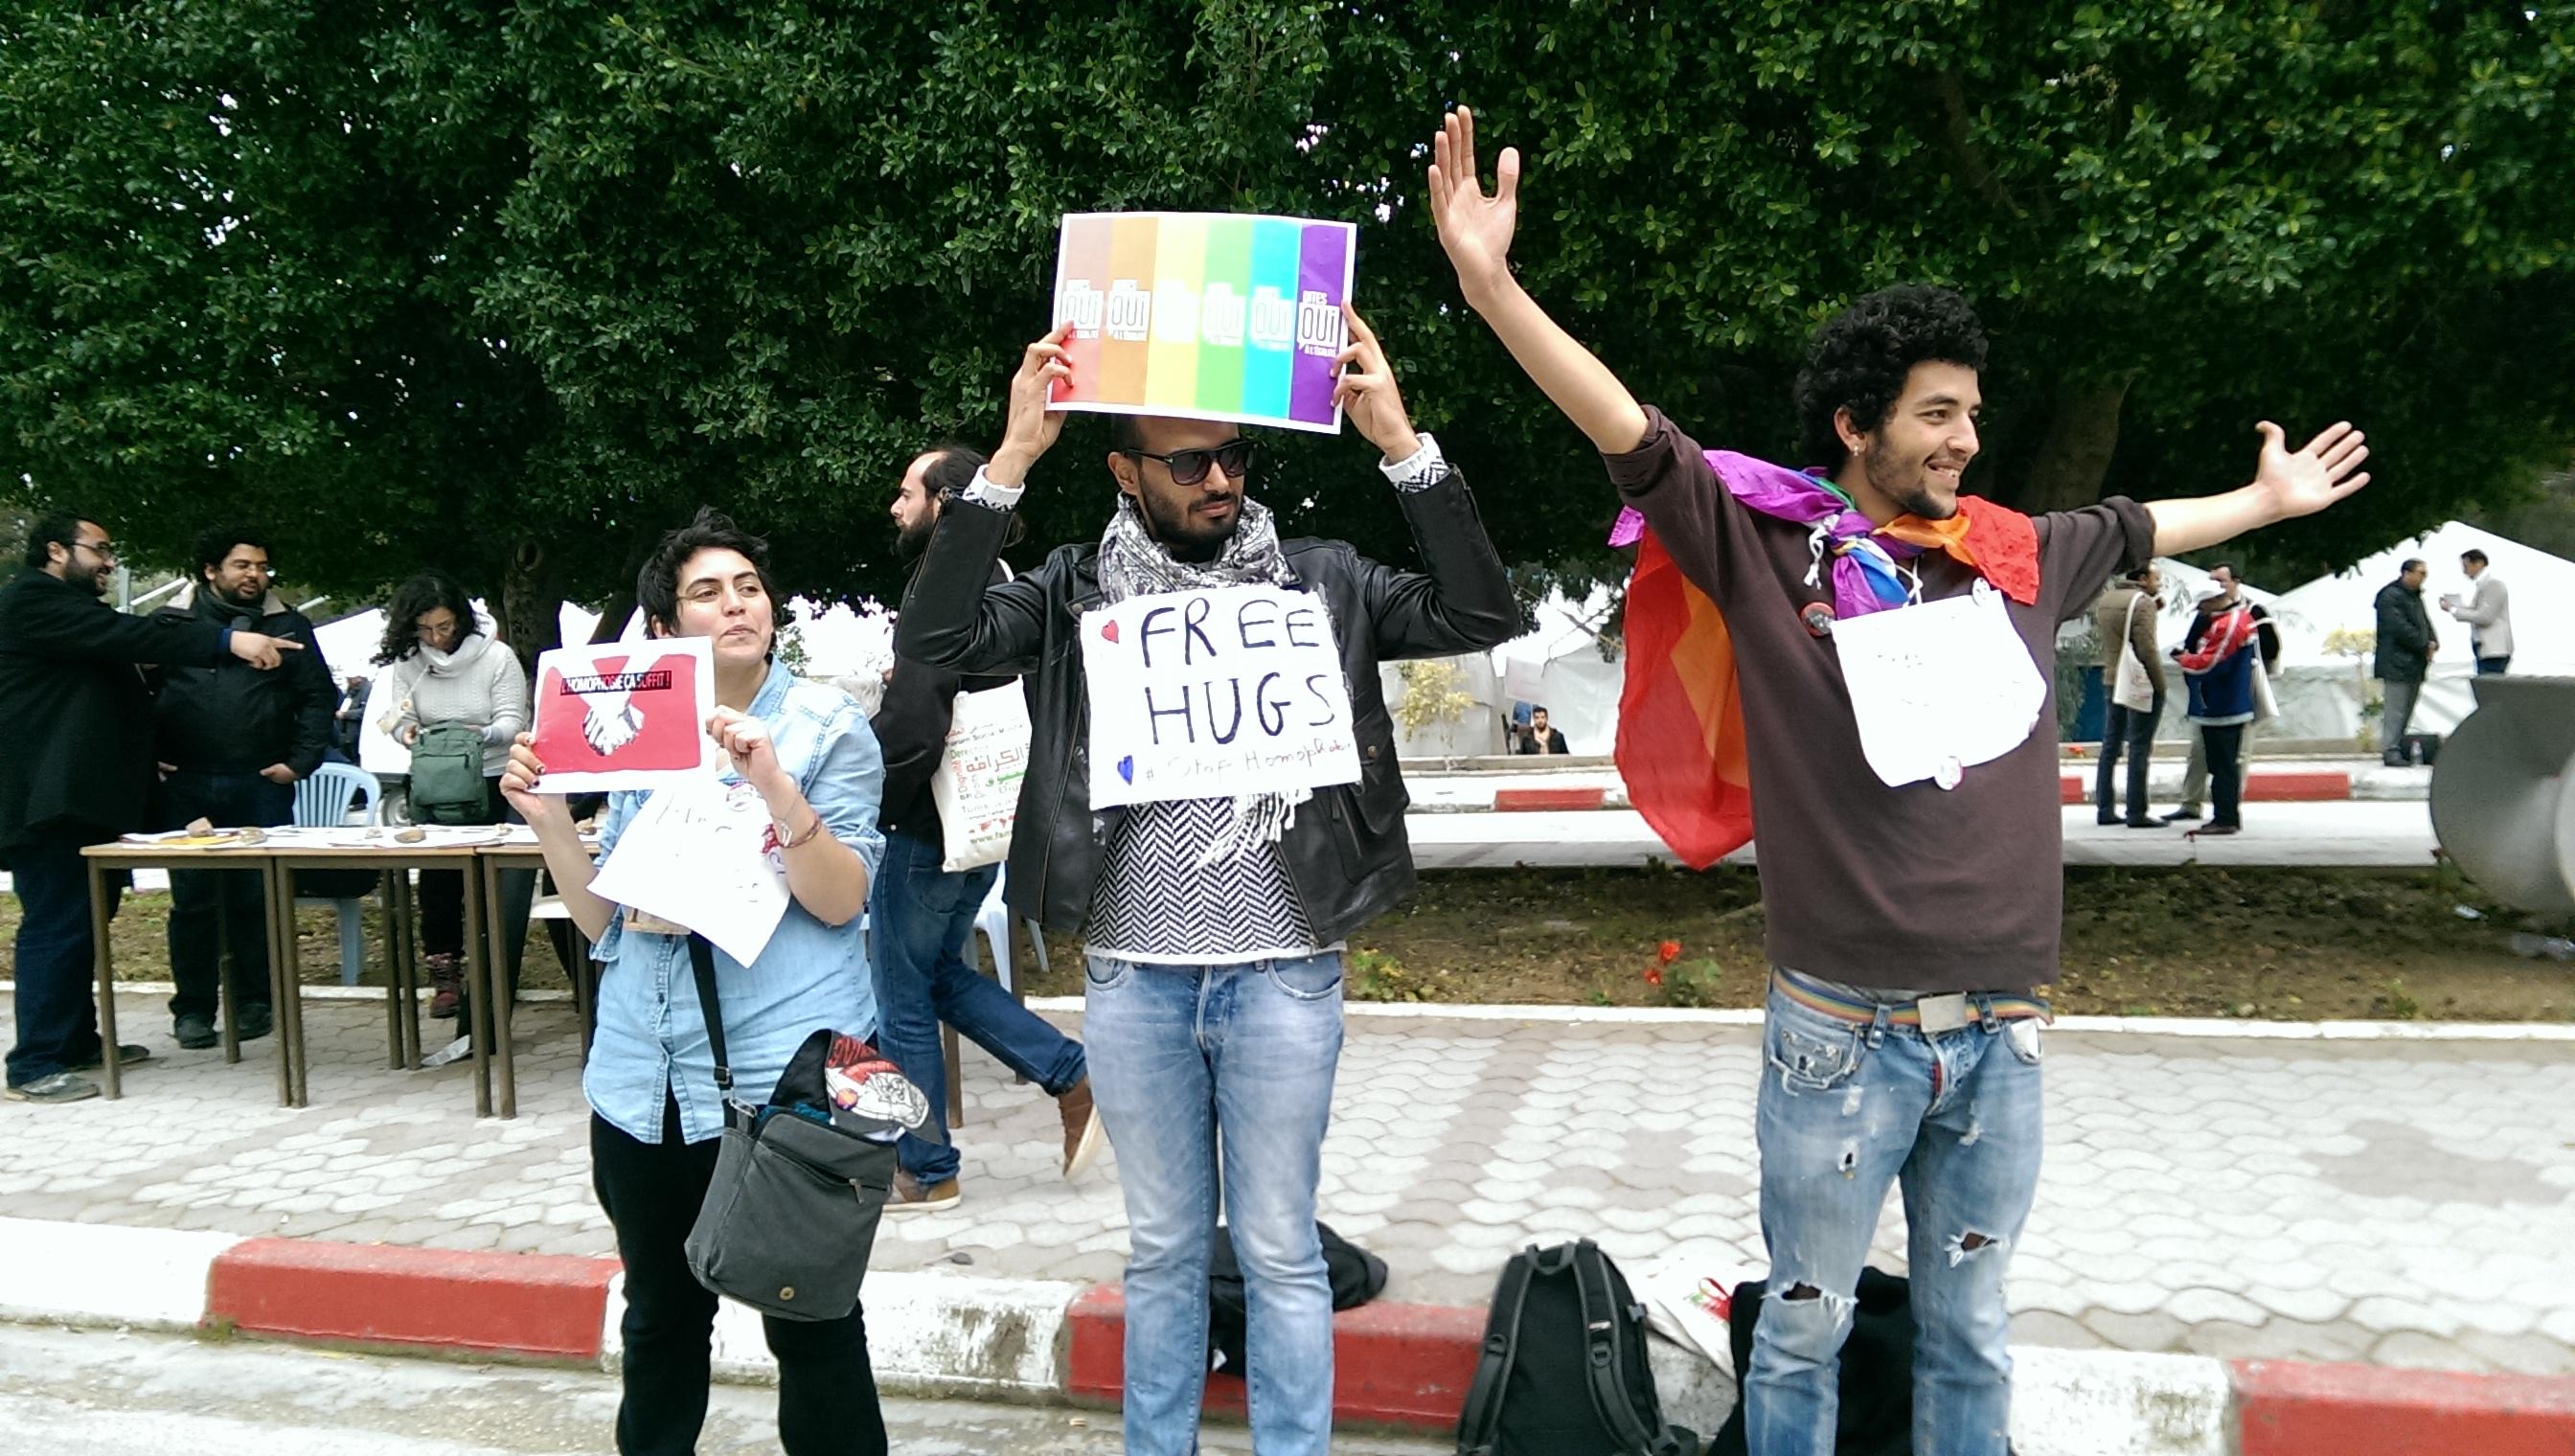 free_hugs.jpg